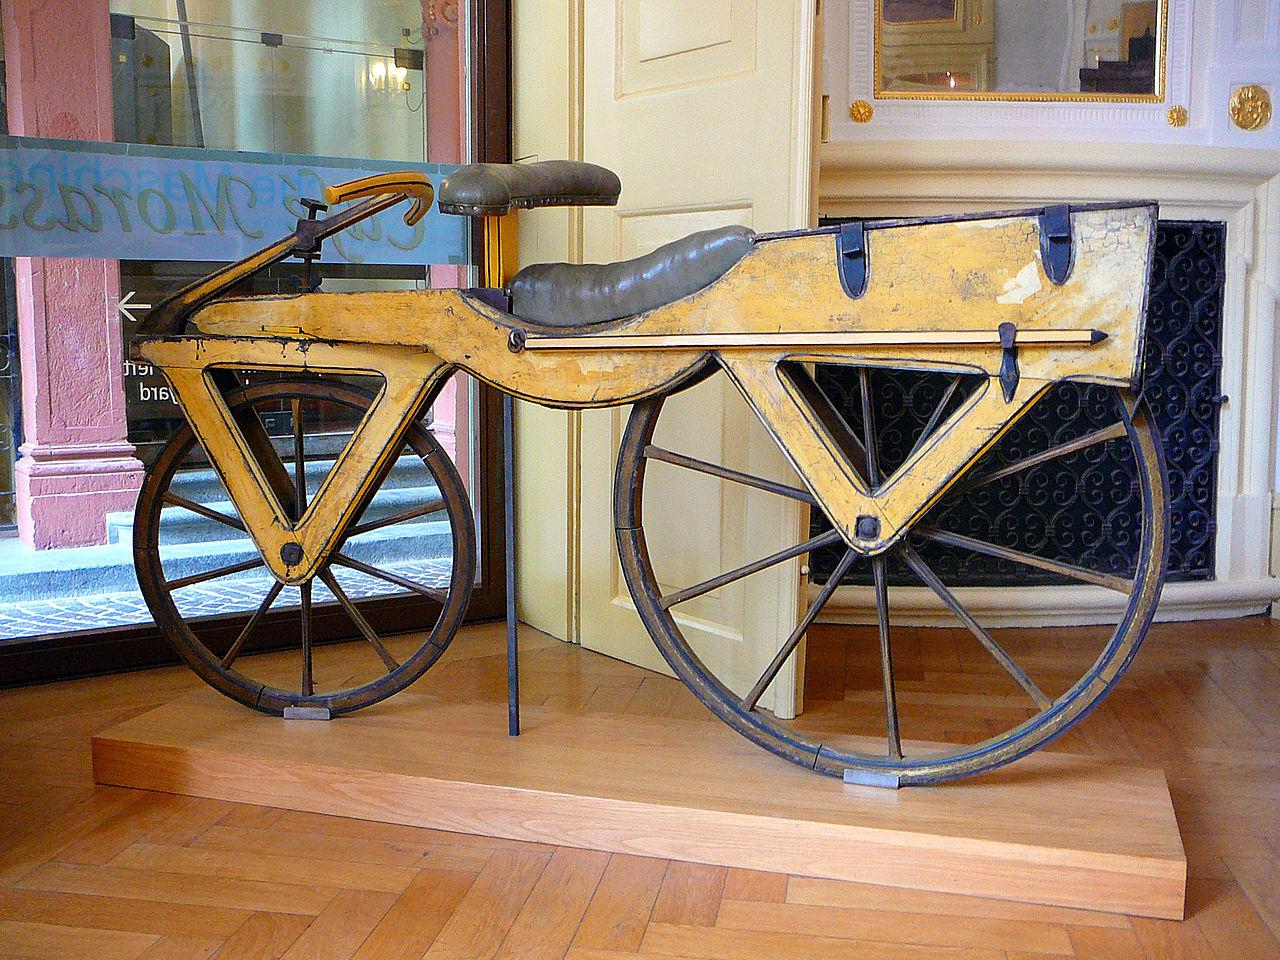 The first balance bike